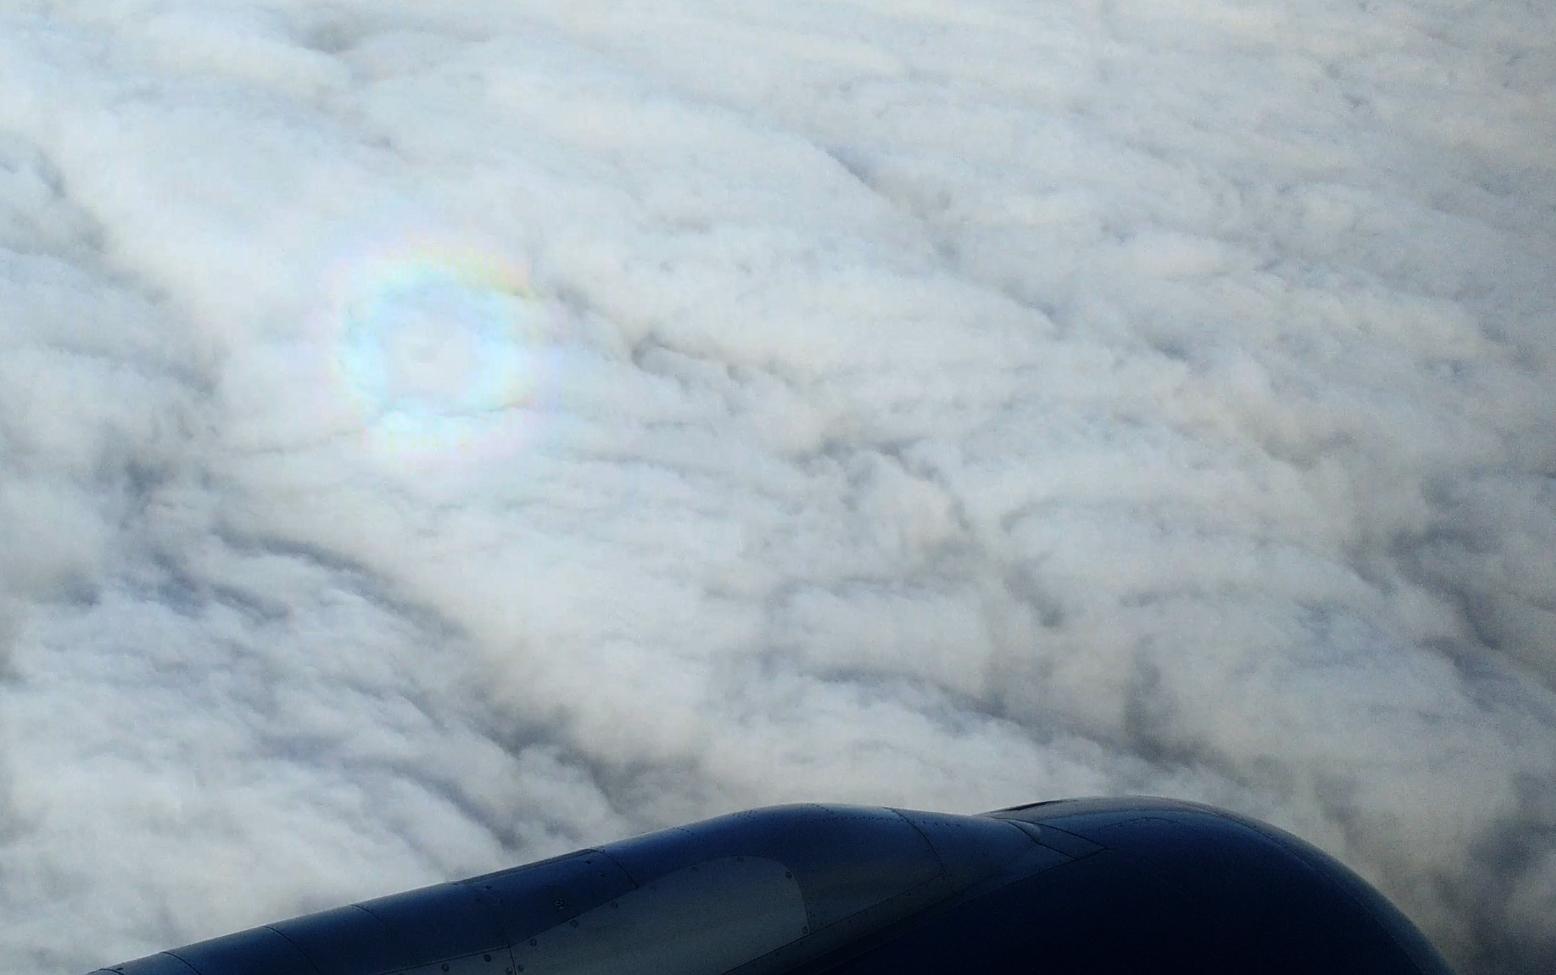 Der regenbogenfarbene Ring ist im linken oberen Teil des Fotos zu sehen. Um sie deutlicher hervorzuheben wurde die Sättigung etwas erhöht.